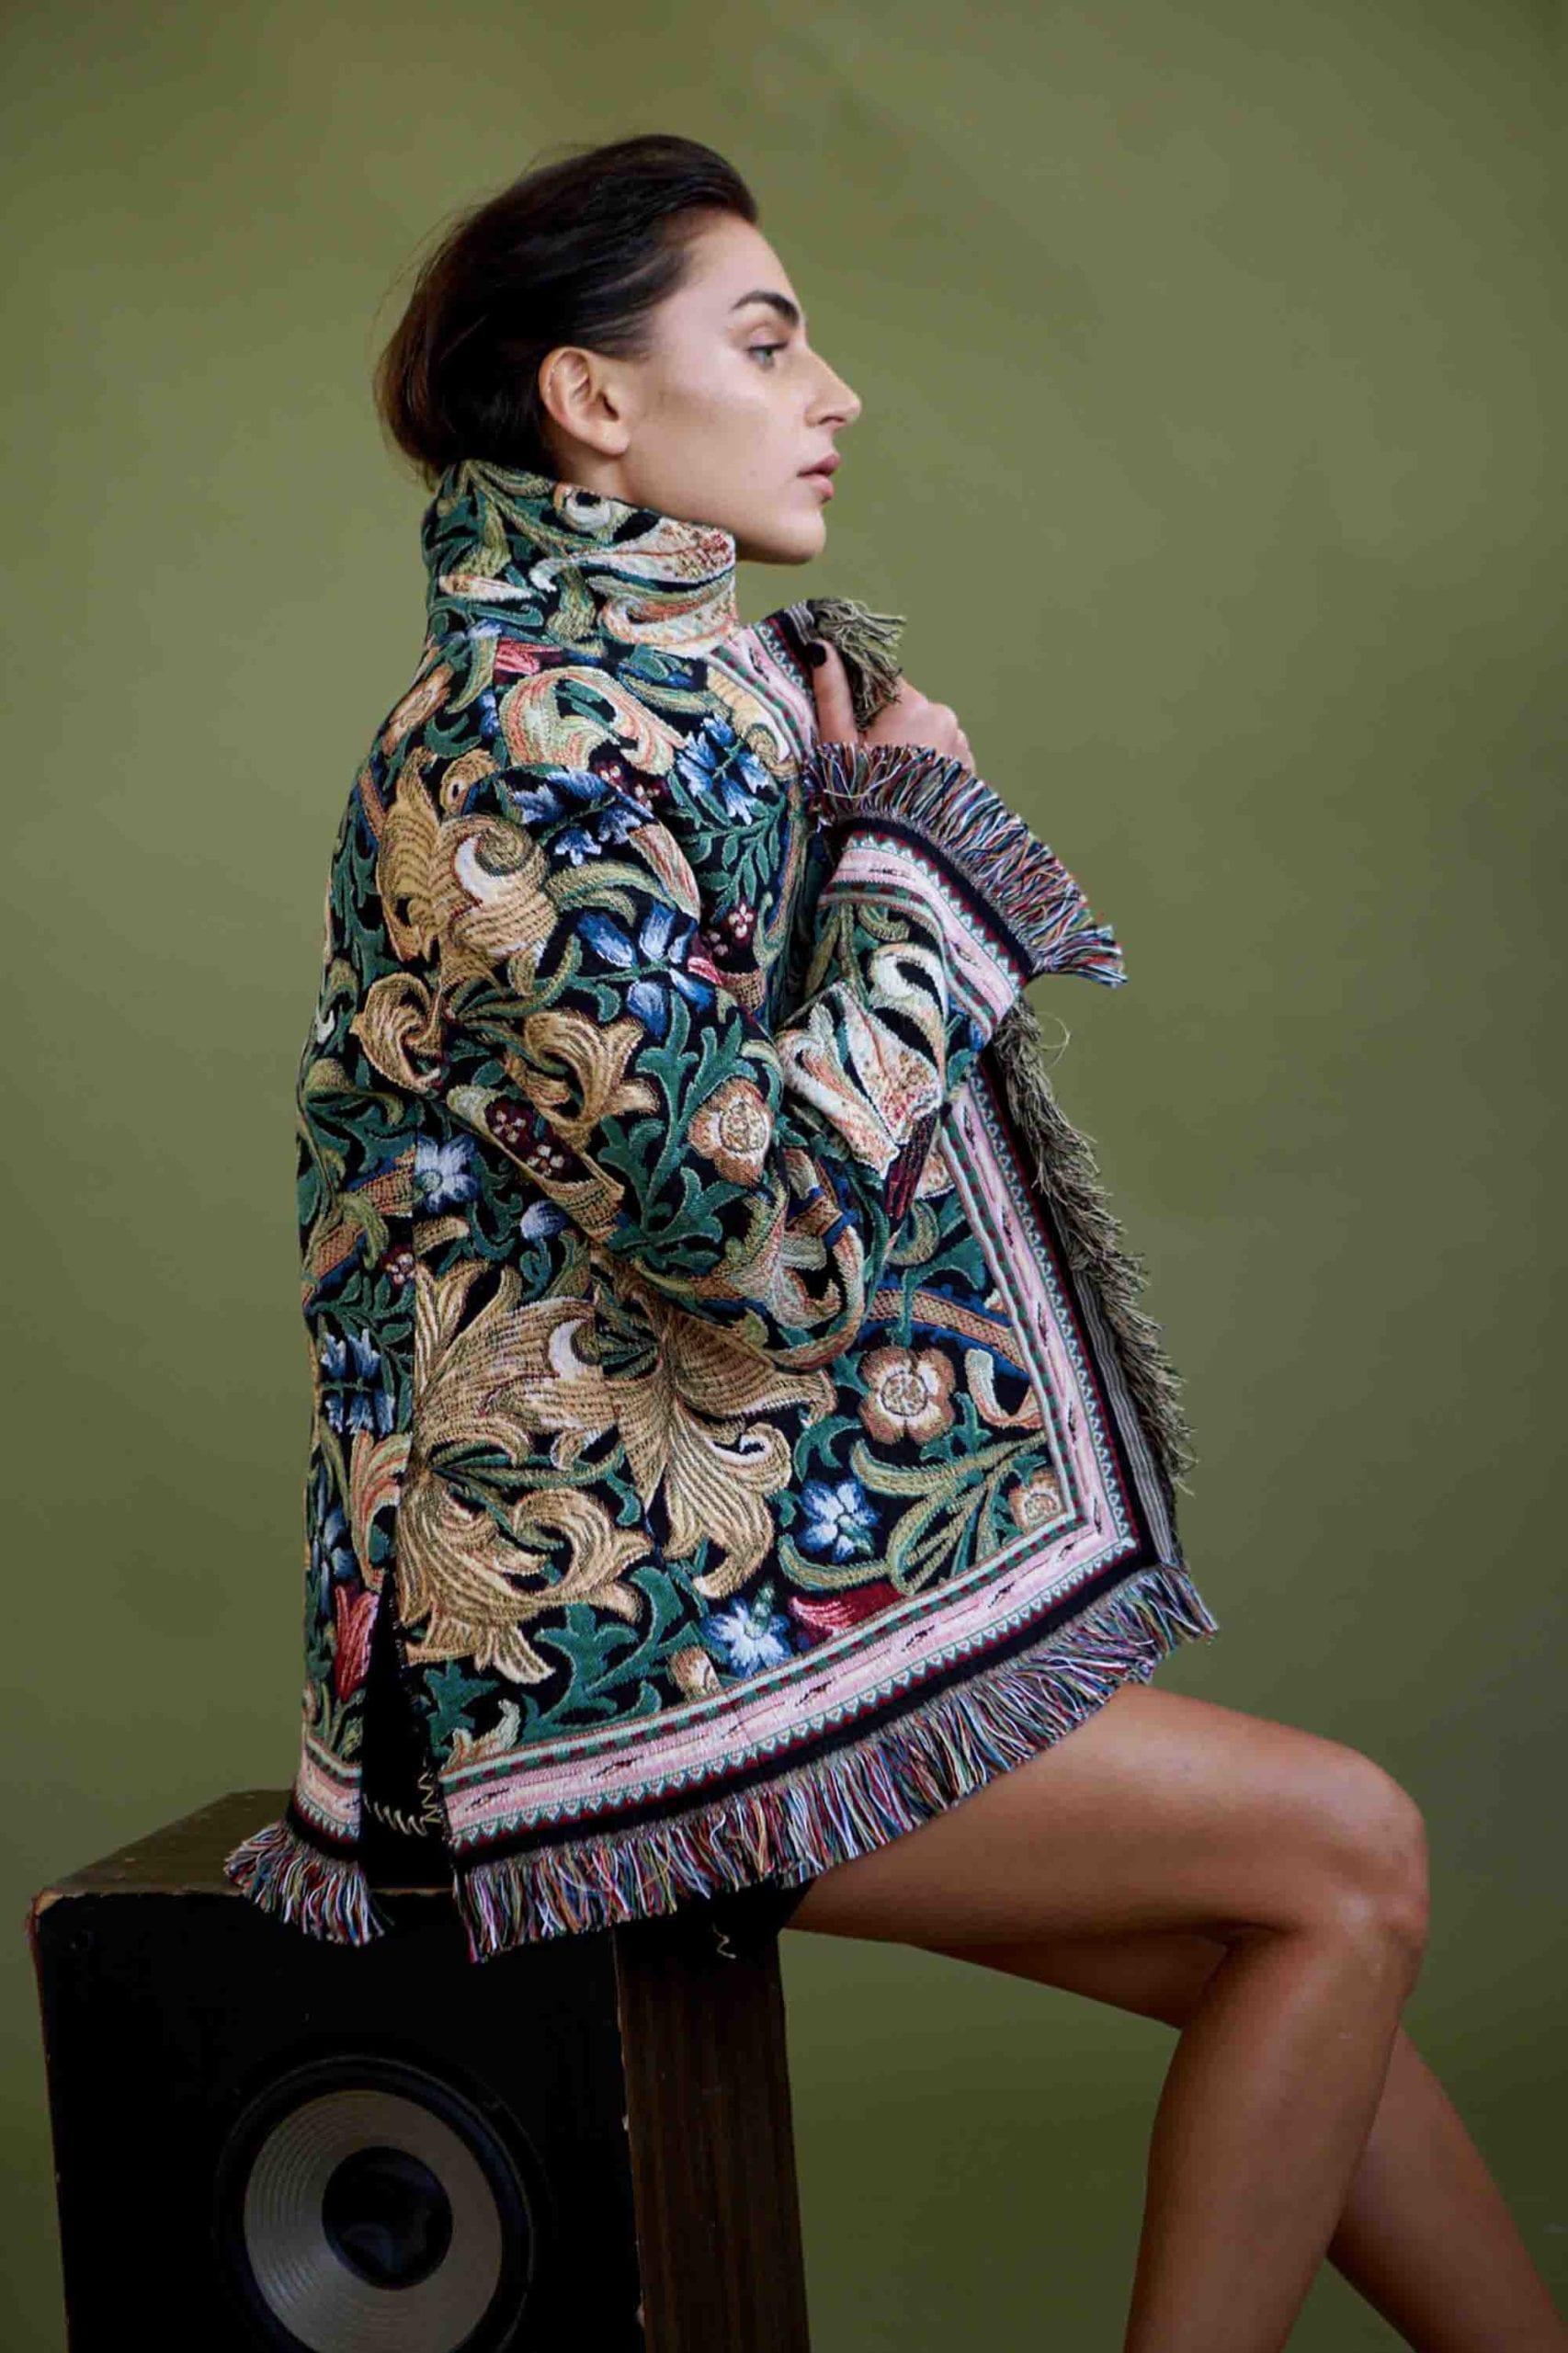 קובי גולן, Kobi Golan, מעצב אופנה, קולקציית אופנה 2020, מגזין אופנה, כתבות אופנה, הילה שייר, אופנה, מגזין אופנה ישראלי -16